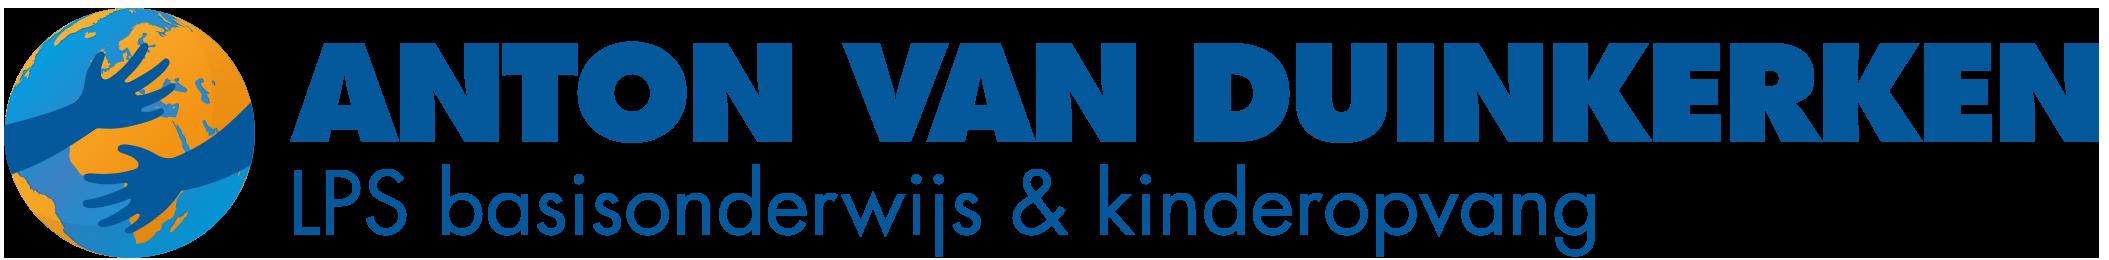 LPS Anton van Duinkerken | logo